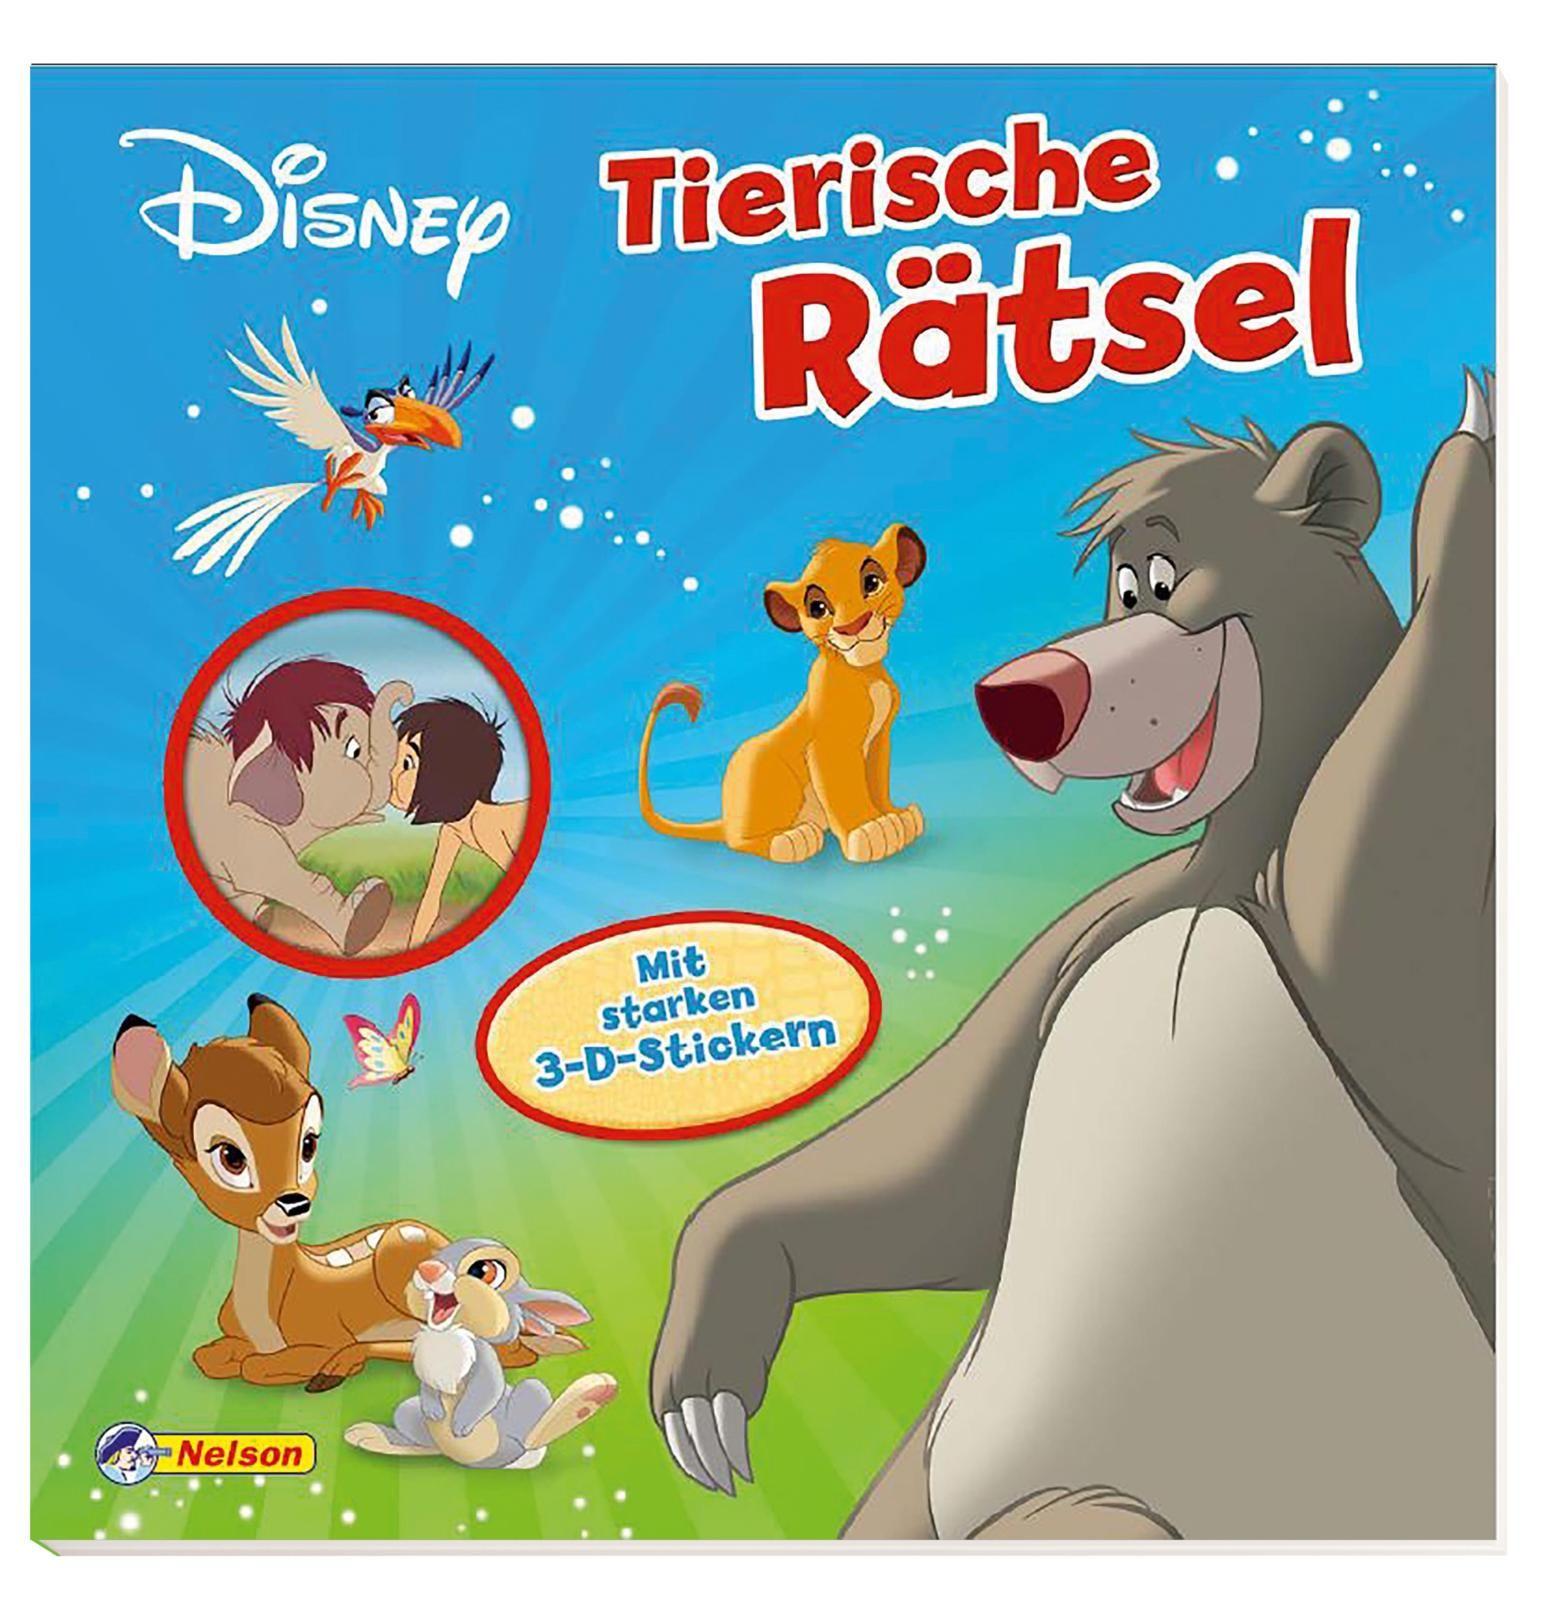 Disney Klassiker Tierische Rätsel Von Mit Starken 3 D Stickern